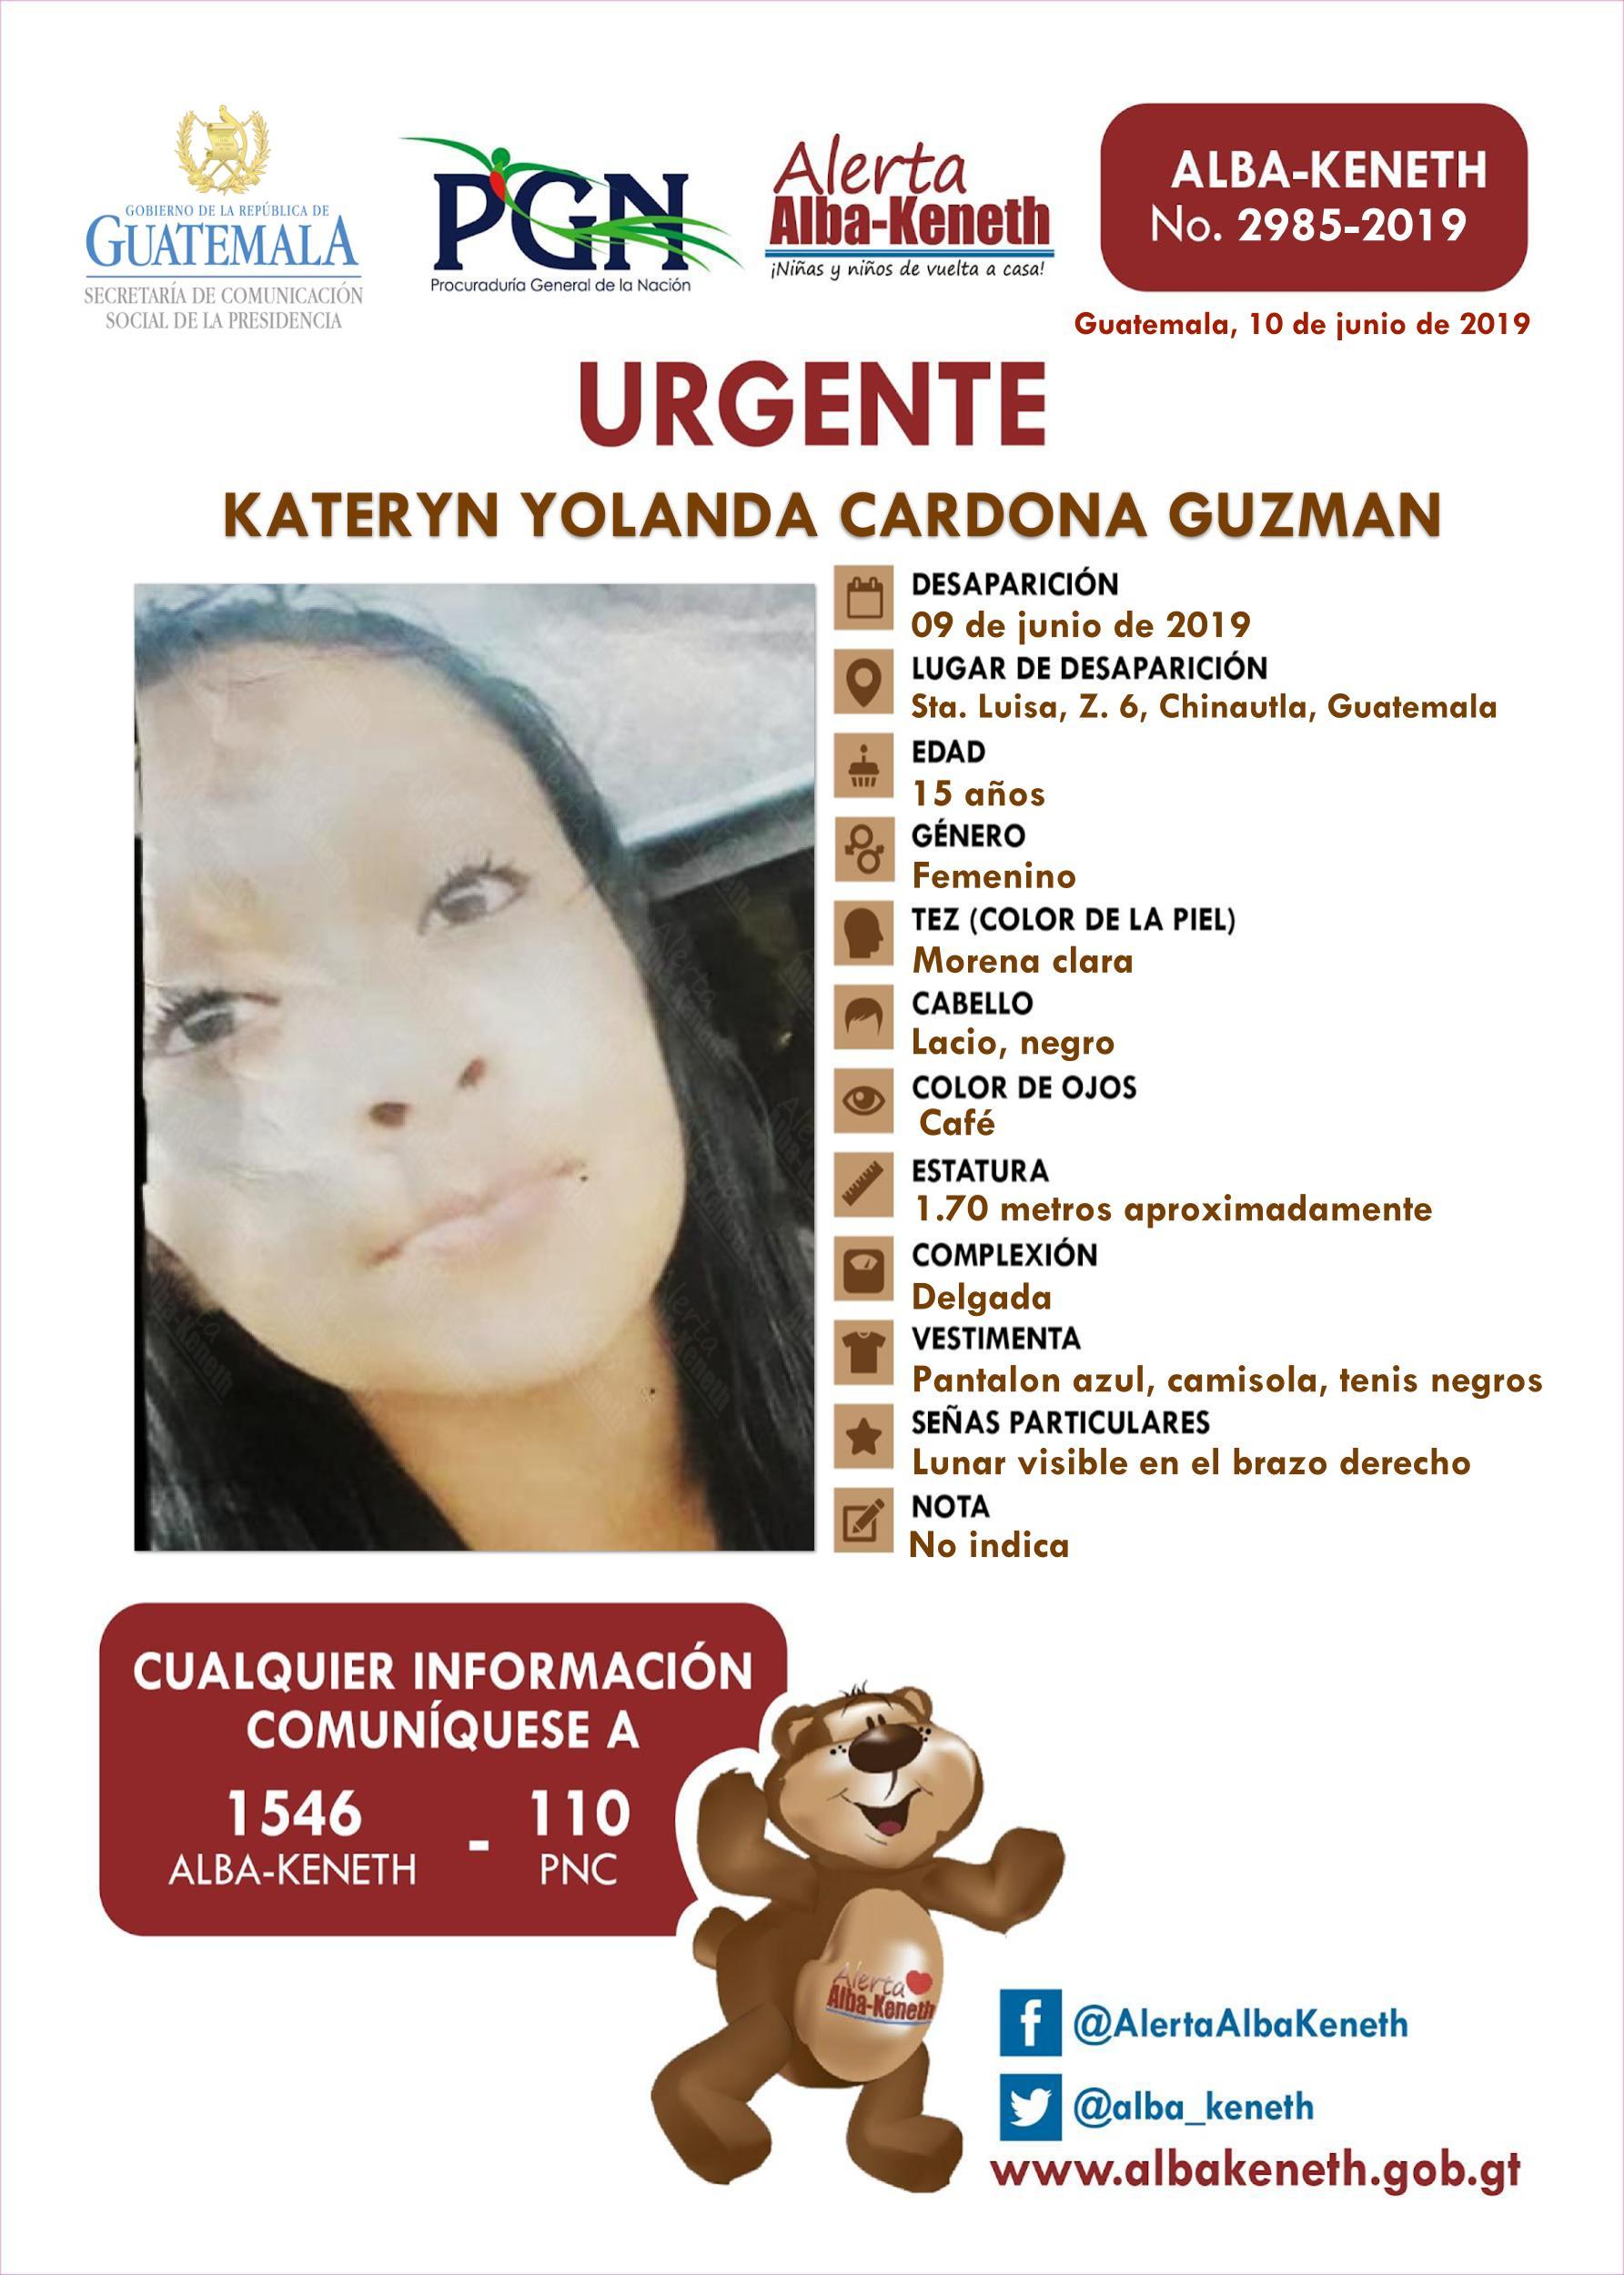 Kateryn Yolanda Cardona Guzman